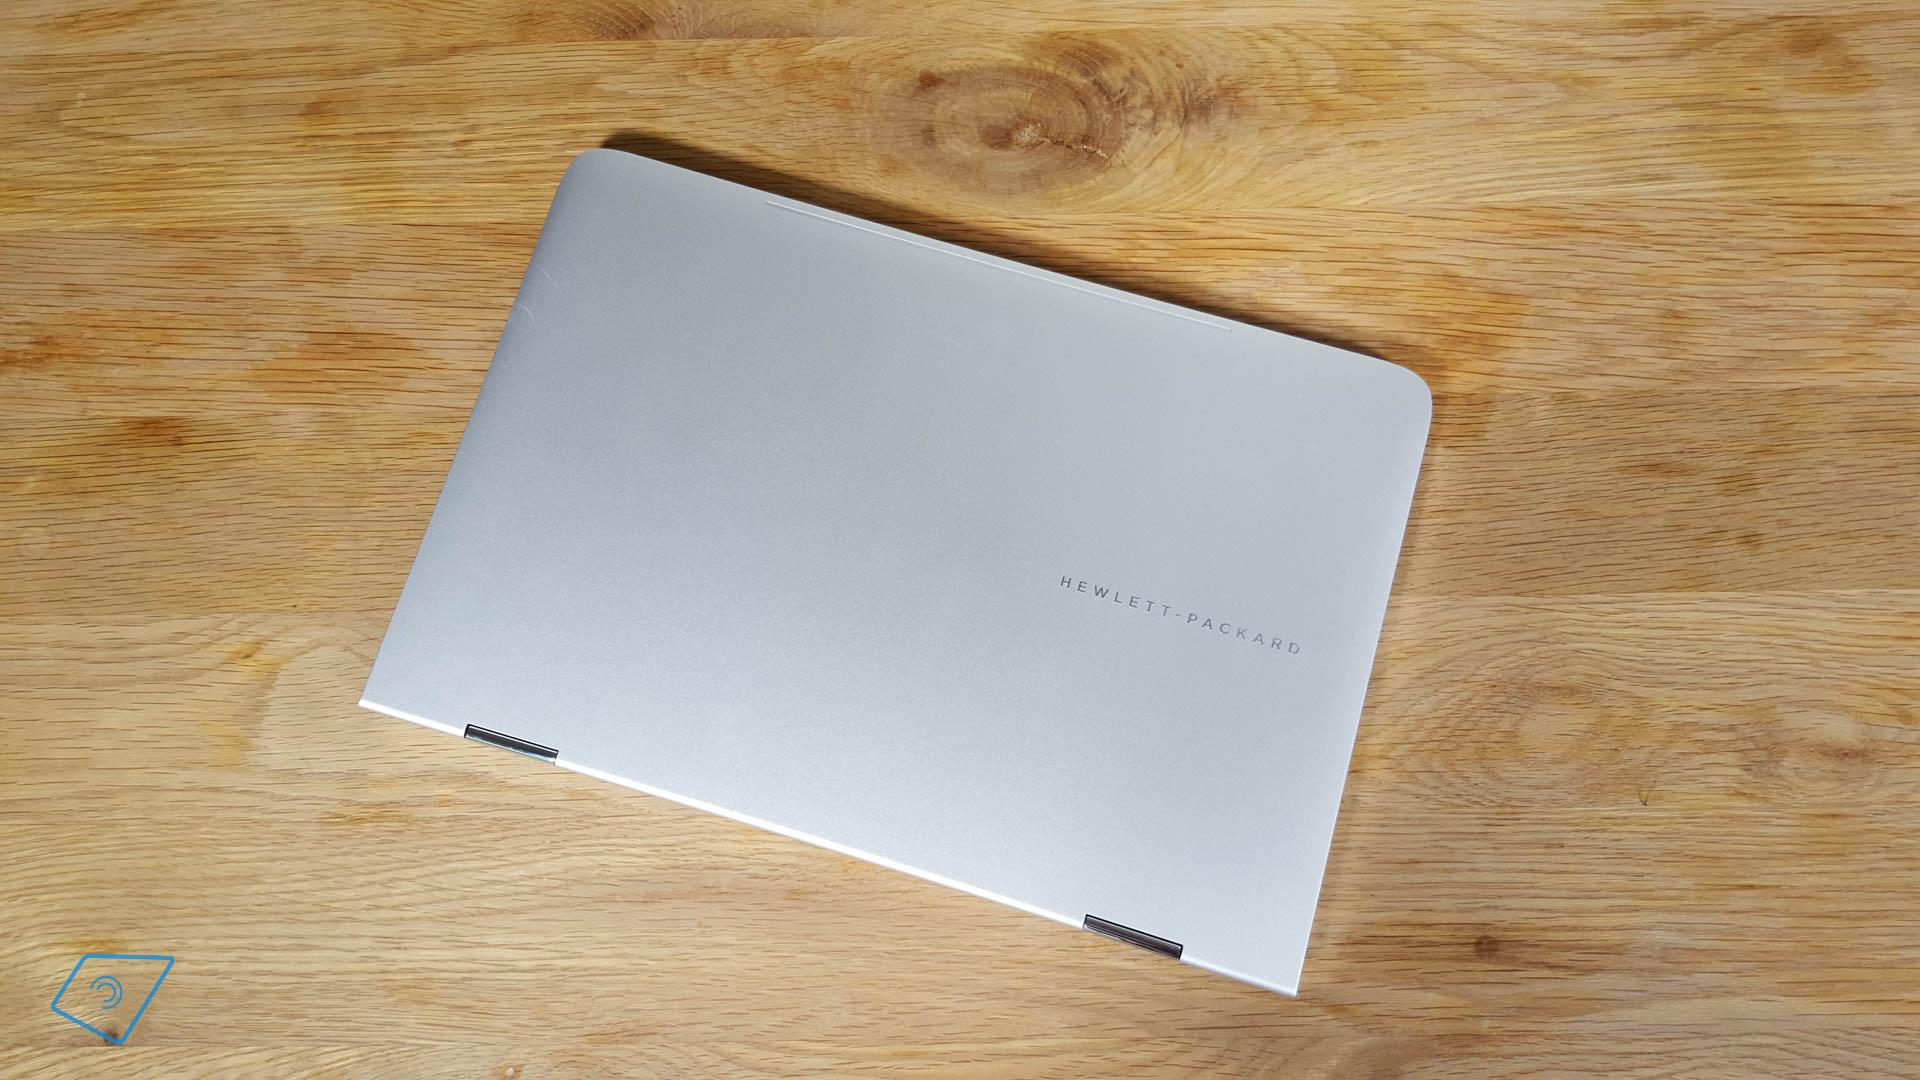 HP Spectre x360 Unboxing und erster Eindruck Video 1920x1080